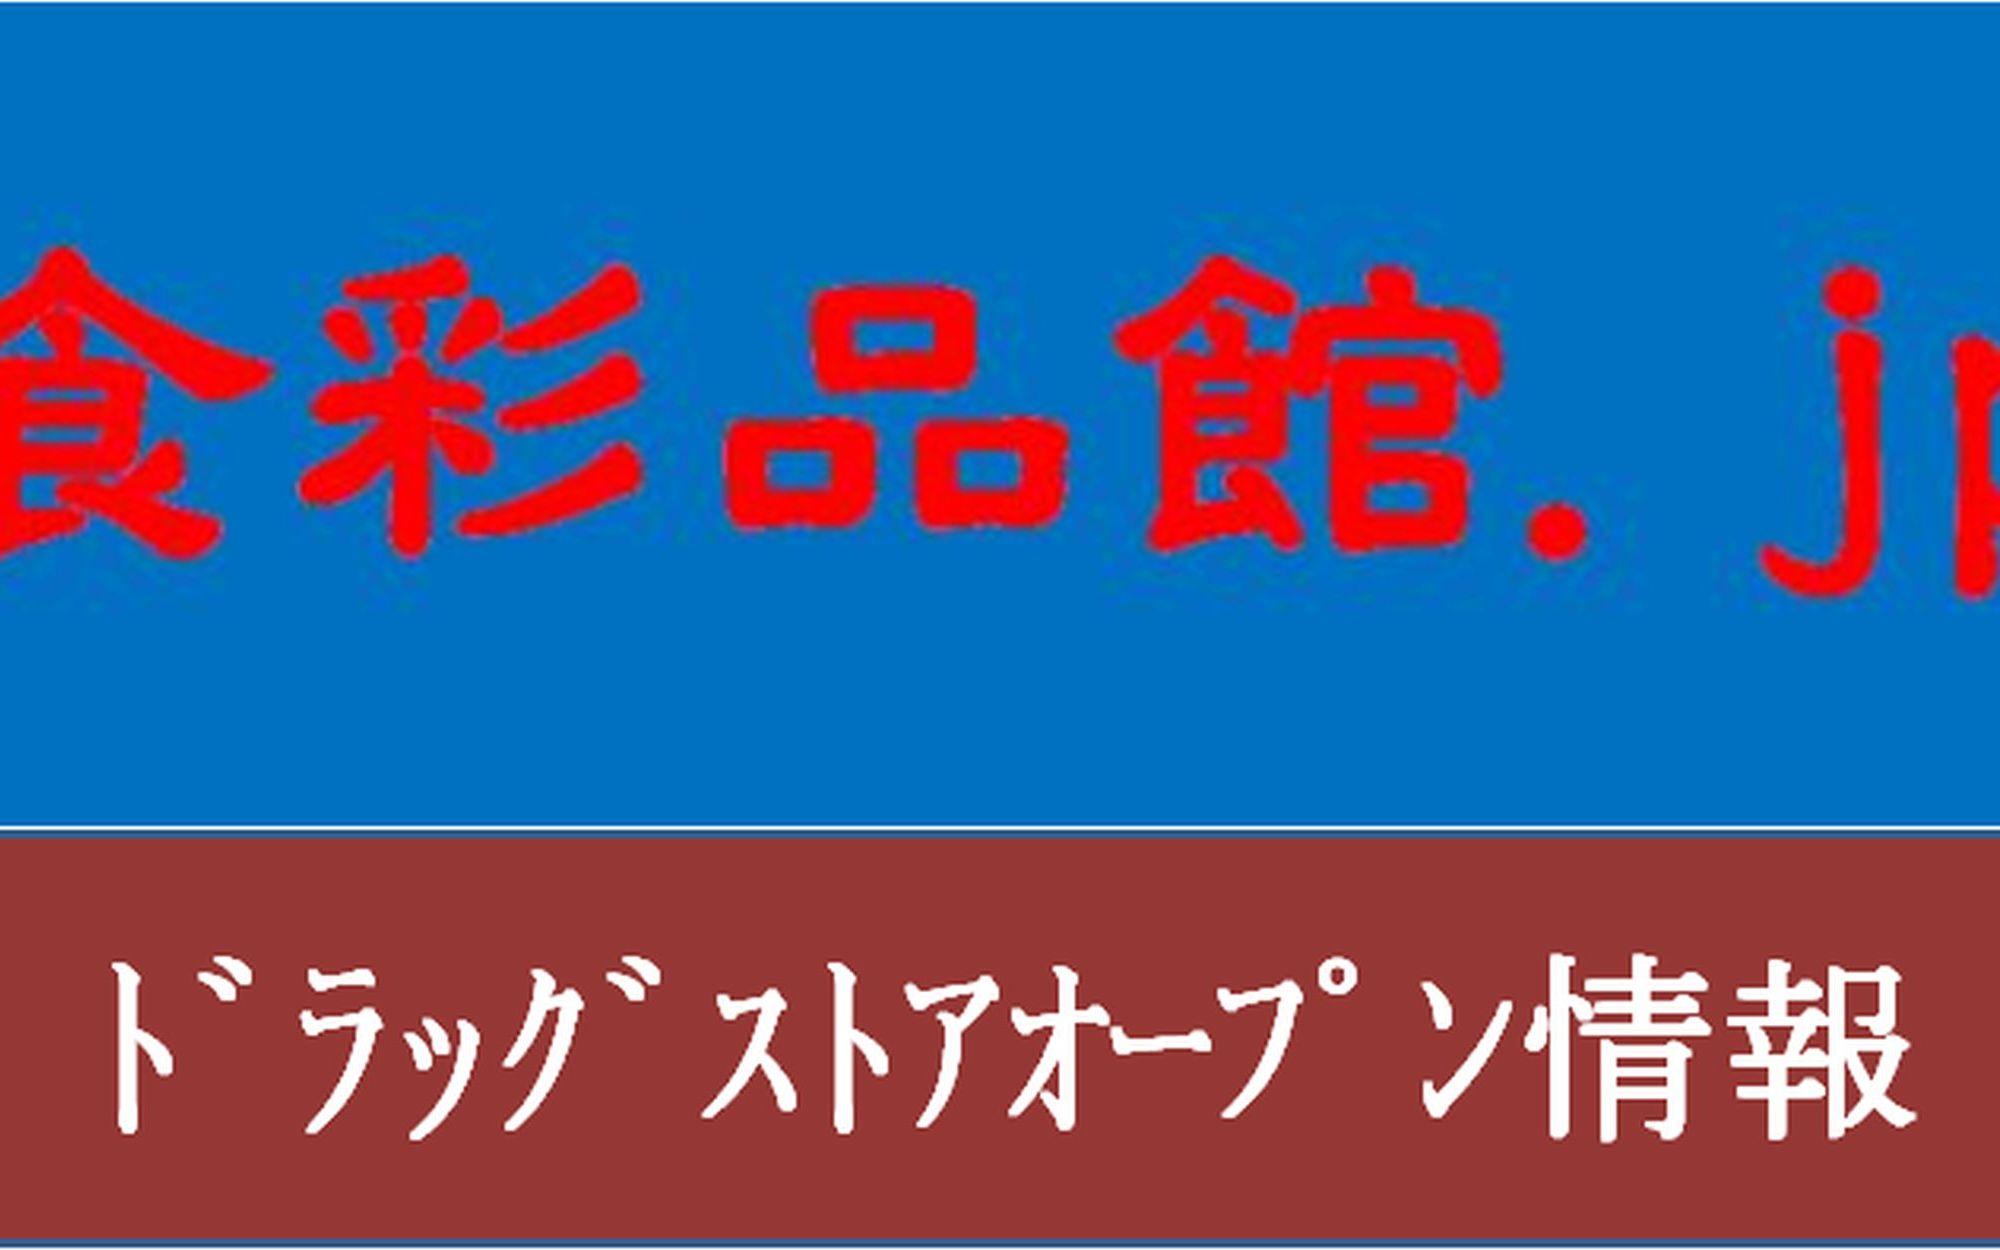 ツルハドラッグ田村大越店(福岡県田村市)2020年11月10日オープン予定で大店立地届出